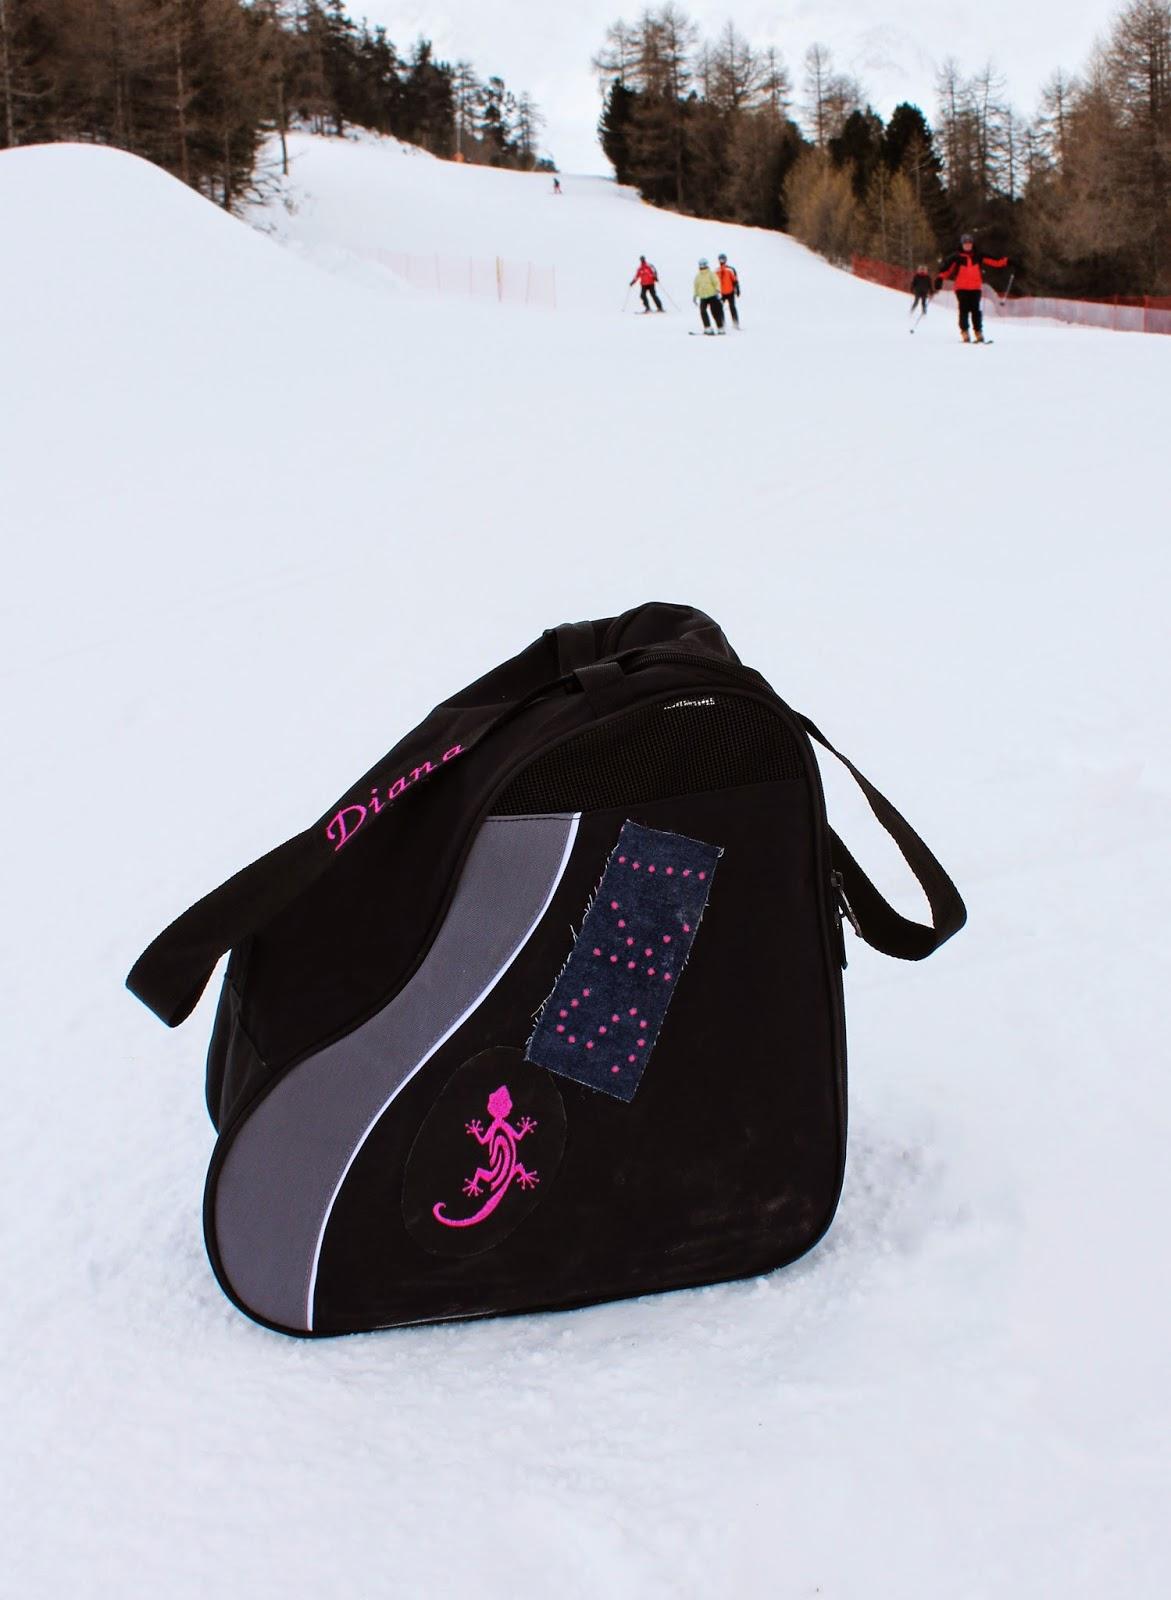 torba na buty narciarskie,decathlon torba na nuty,design DIY jak przerobić torbę, przeróbki szycie DIY blog majsterkowanie,krok po kroku spersonalizowana torba,SKI DIY